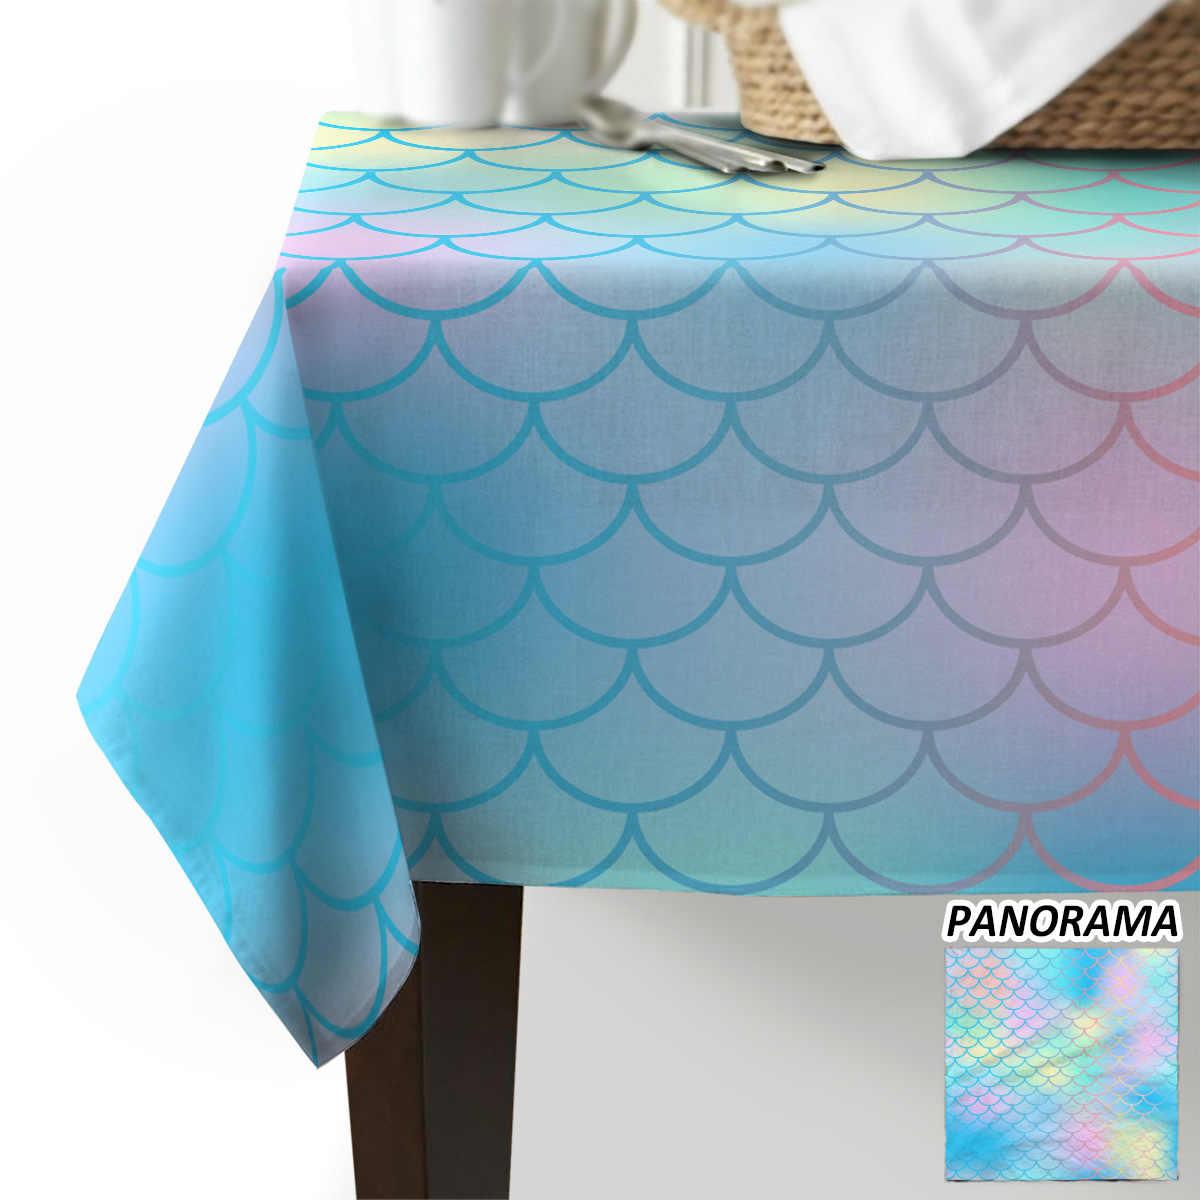 Fishscale Mermaid Kleur Tafelkleed Bruiloft Verjaardag Party Tafel Dekken Decoratieve Doek Veeg Covers Home Keuken Decoratie